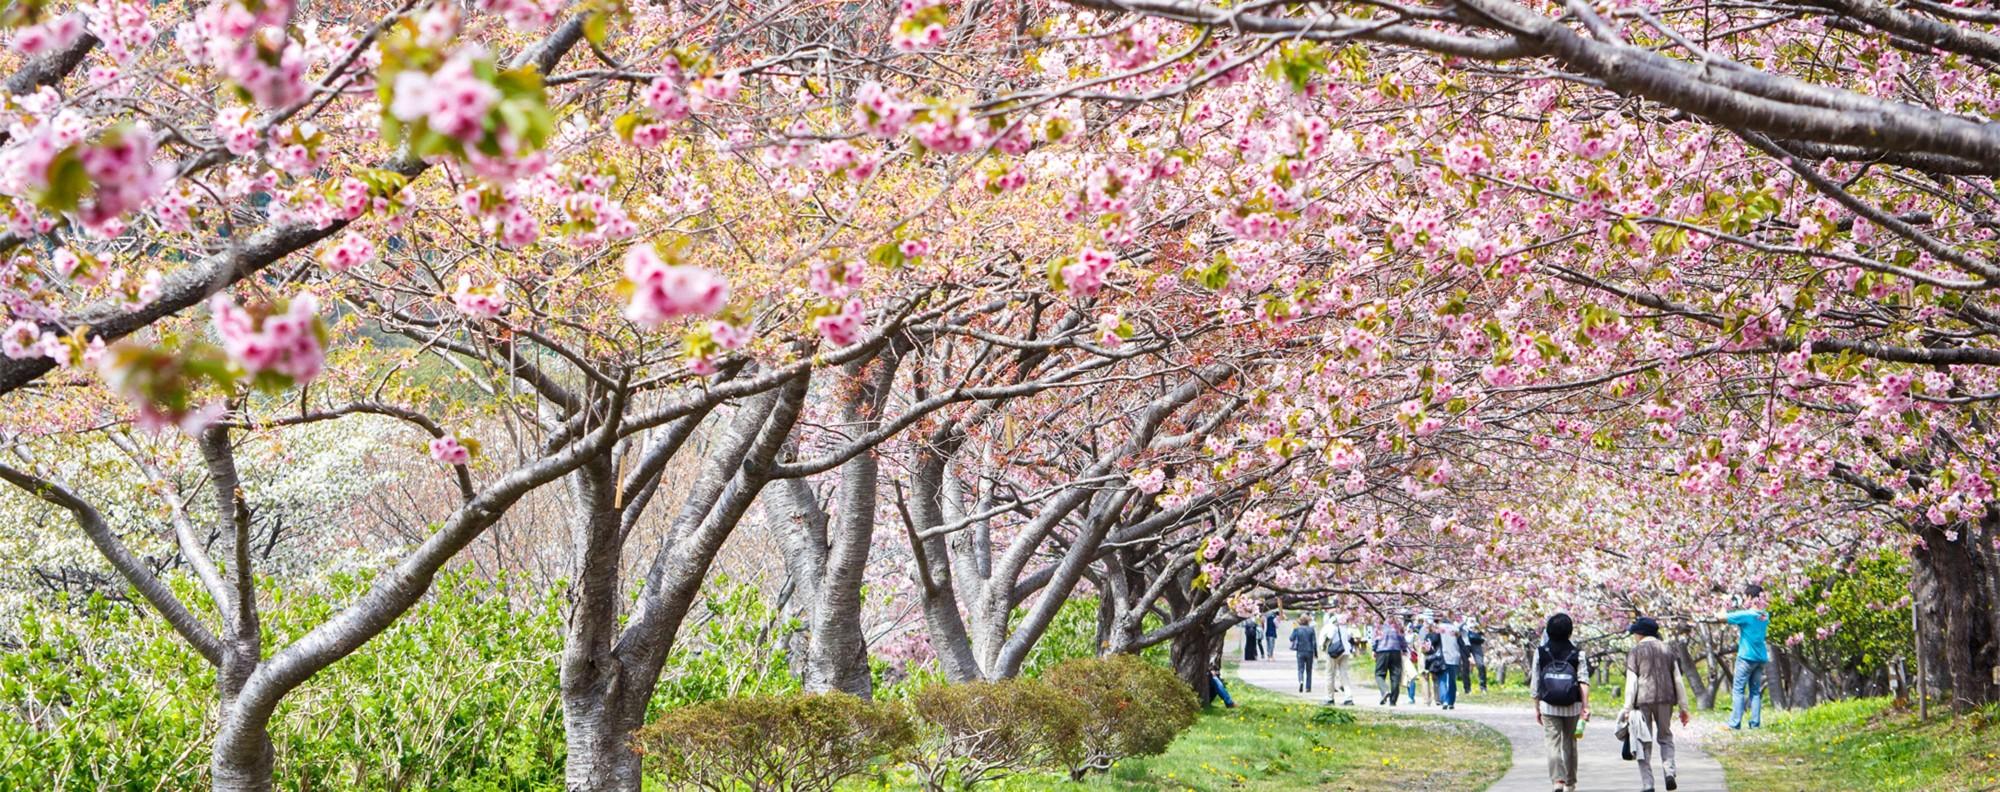 Hokkaido in bloom.